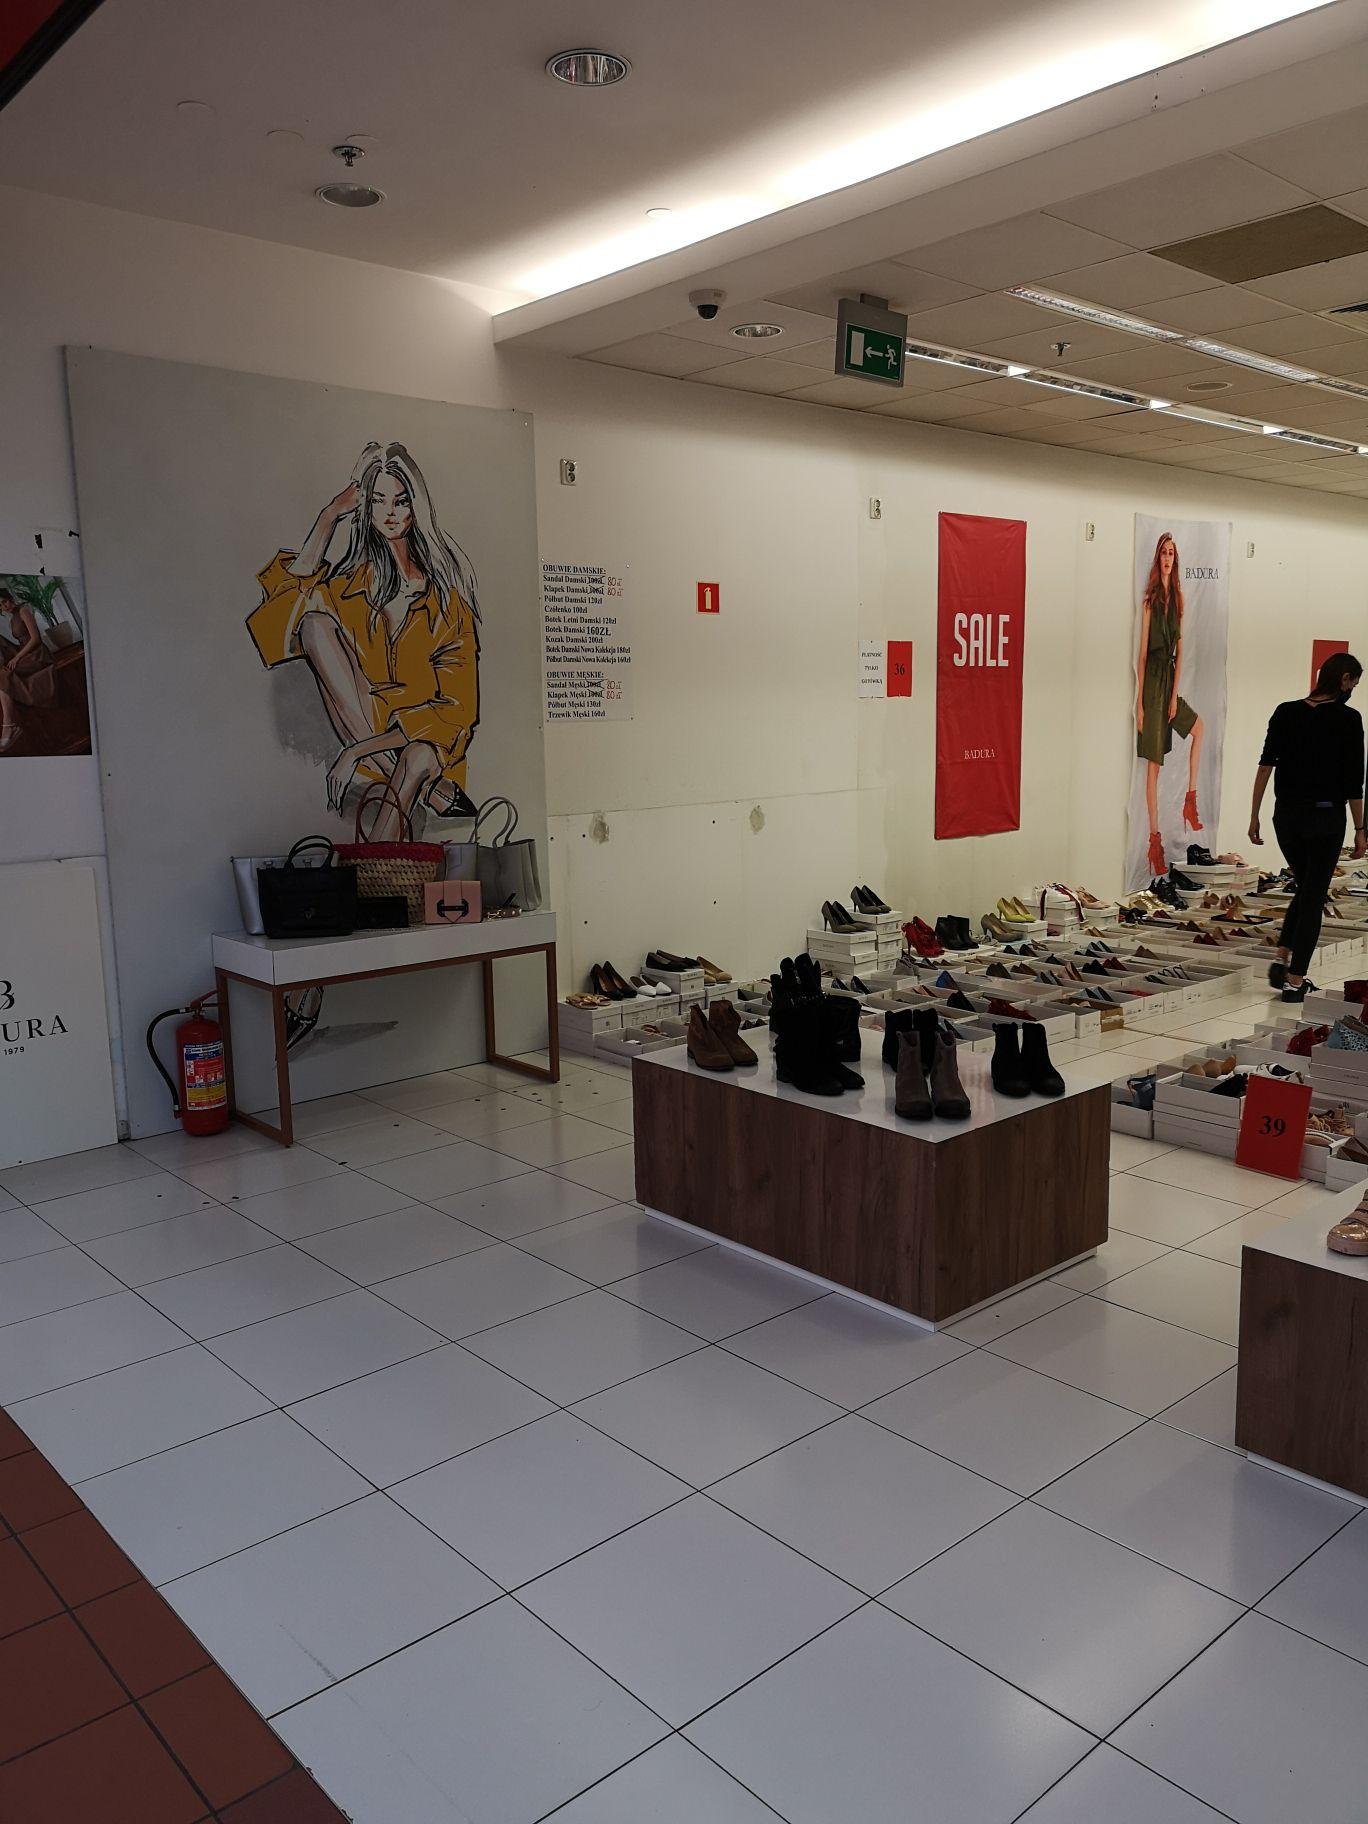 Buty Badura z nowego outletu w galerii Krokus przy Bora Komorowskiego w Krakowie